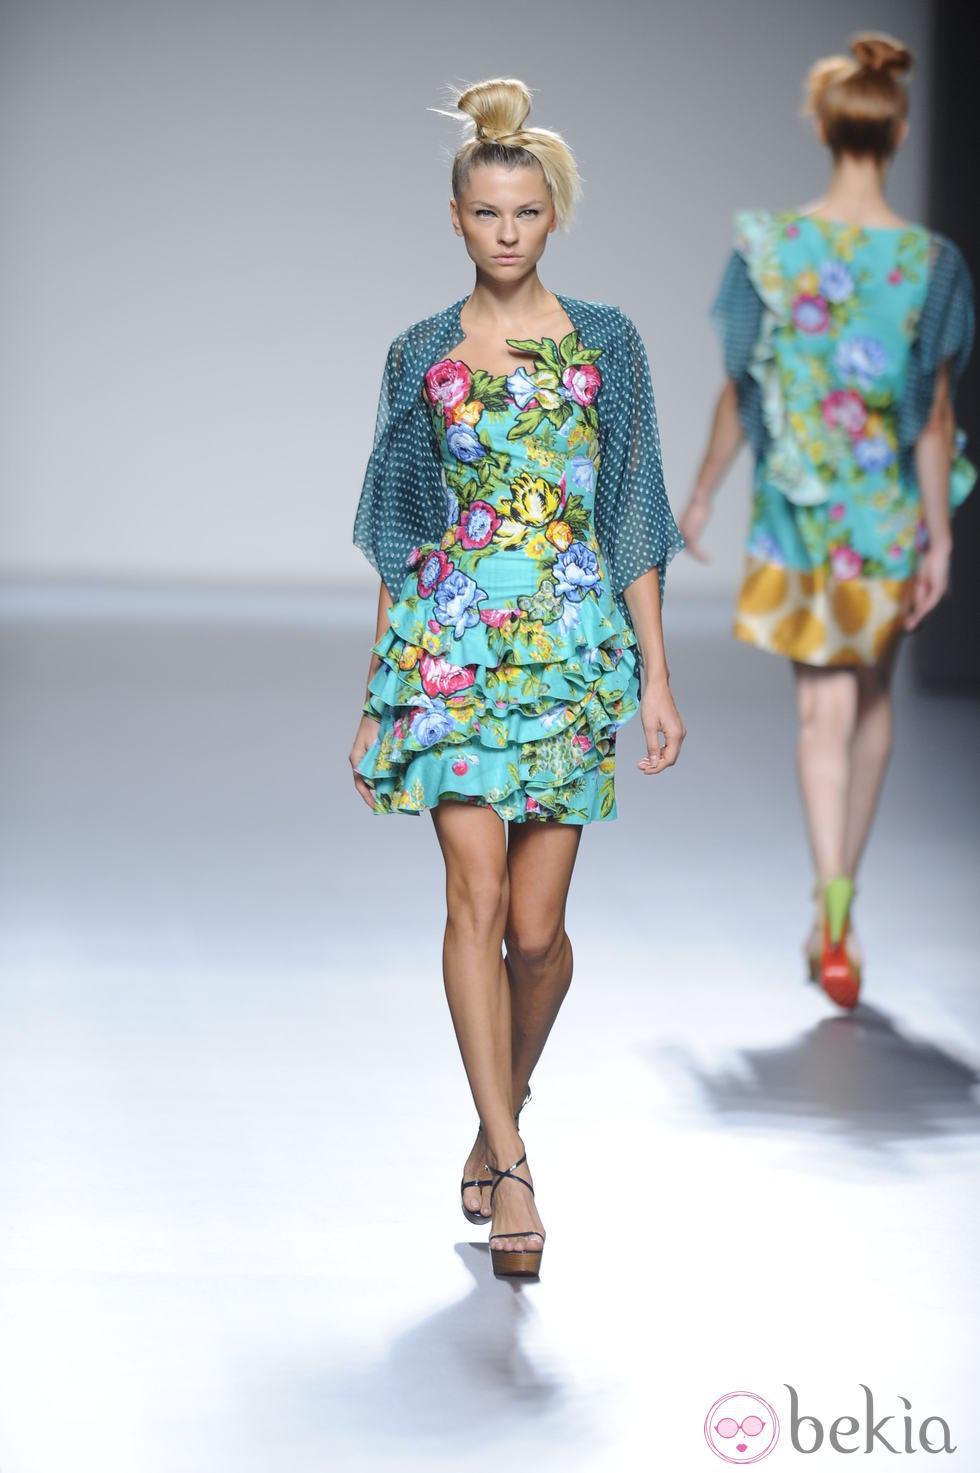 vestidos de flores verano 2013